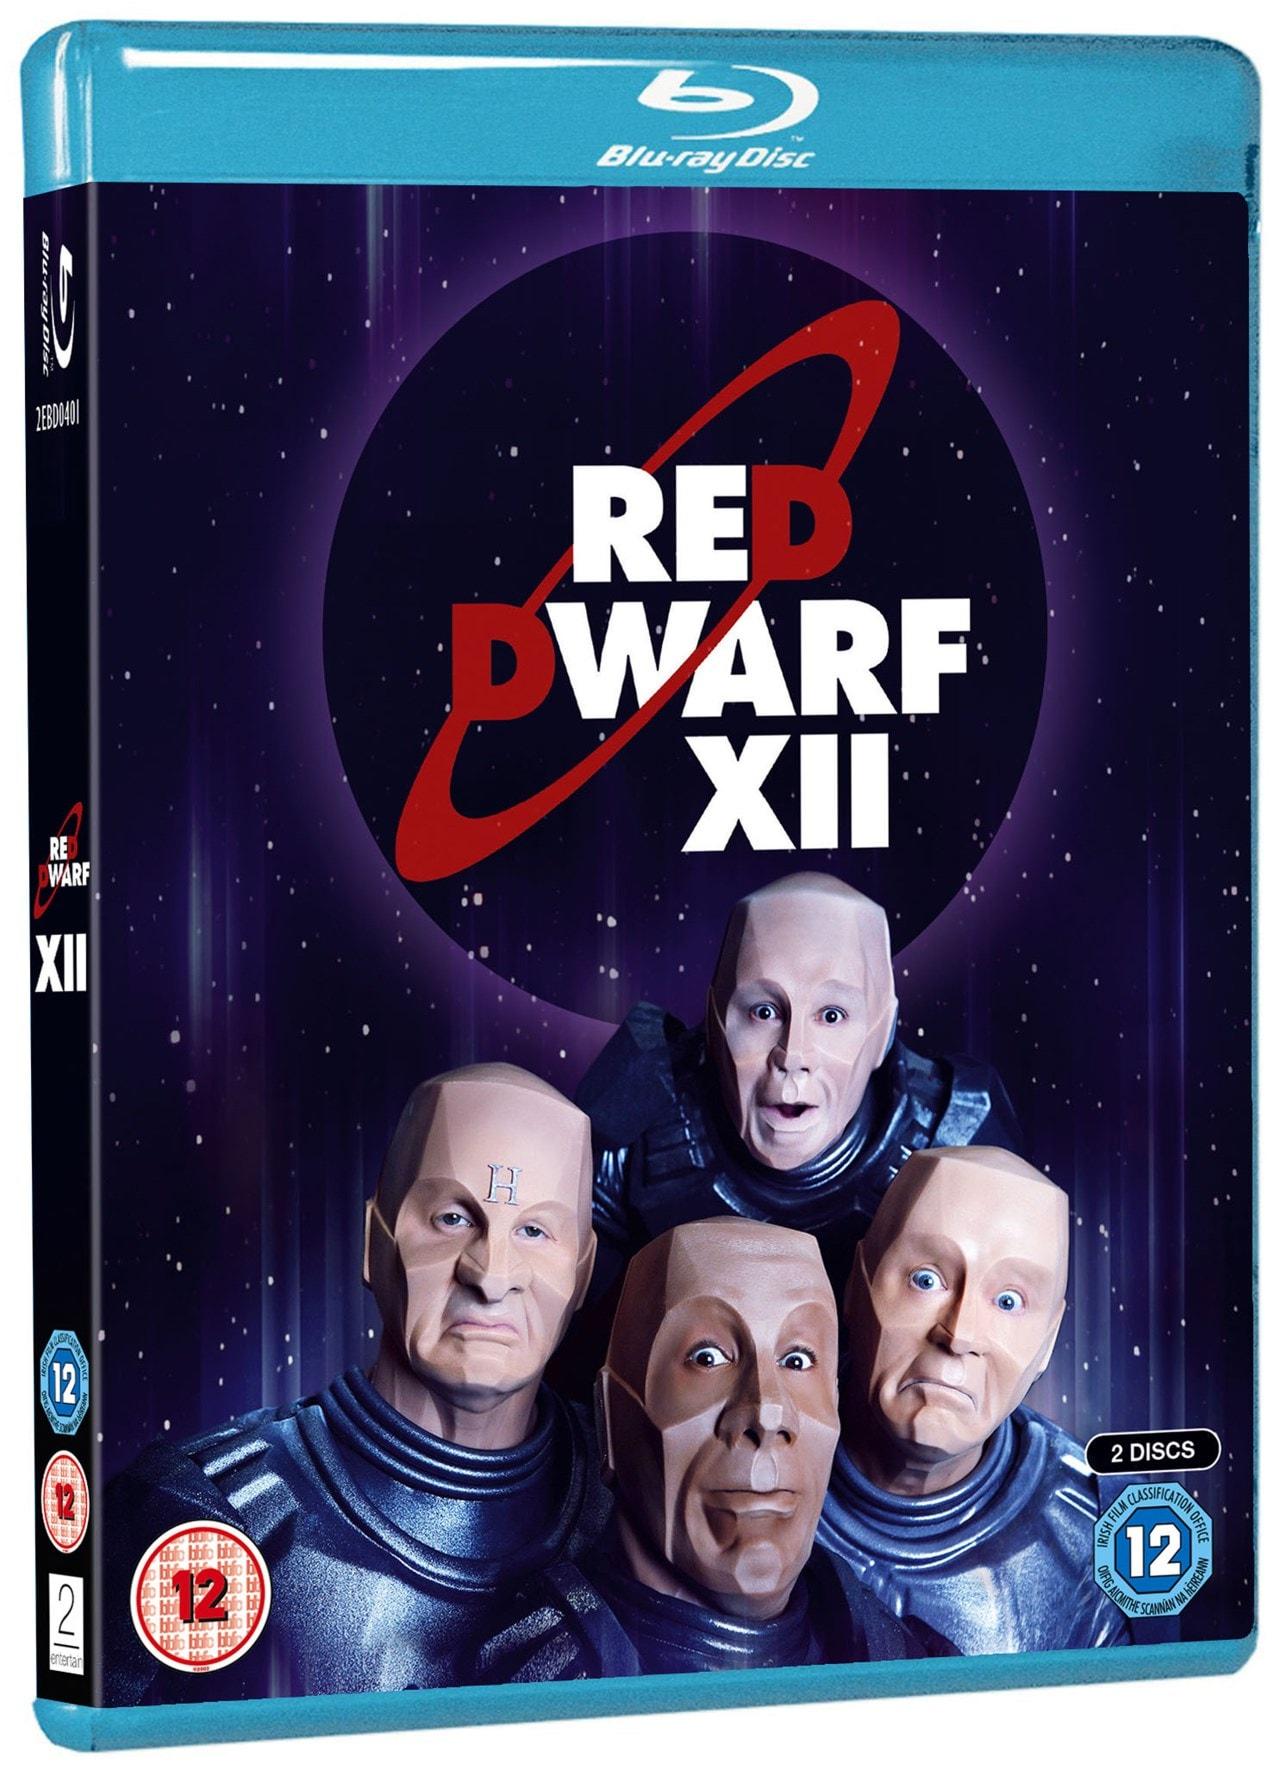 Red Dwarf XII - 2